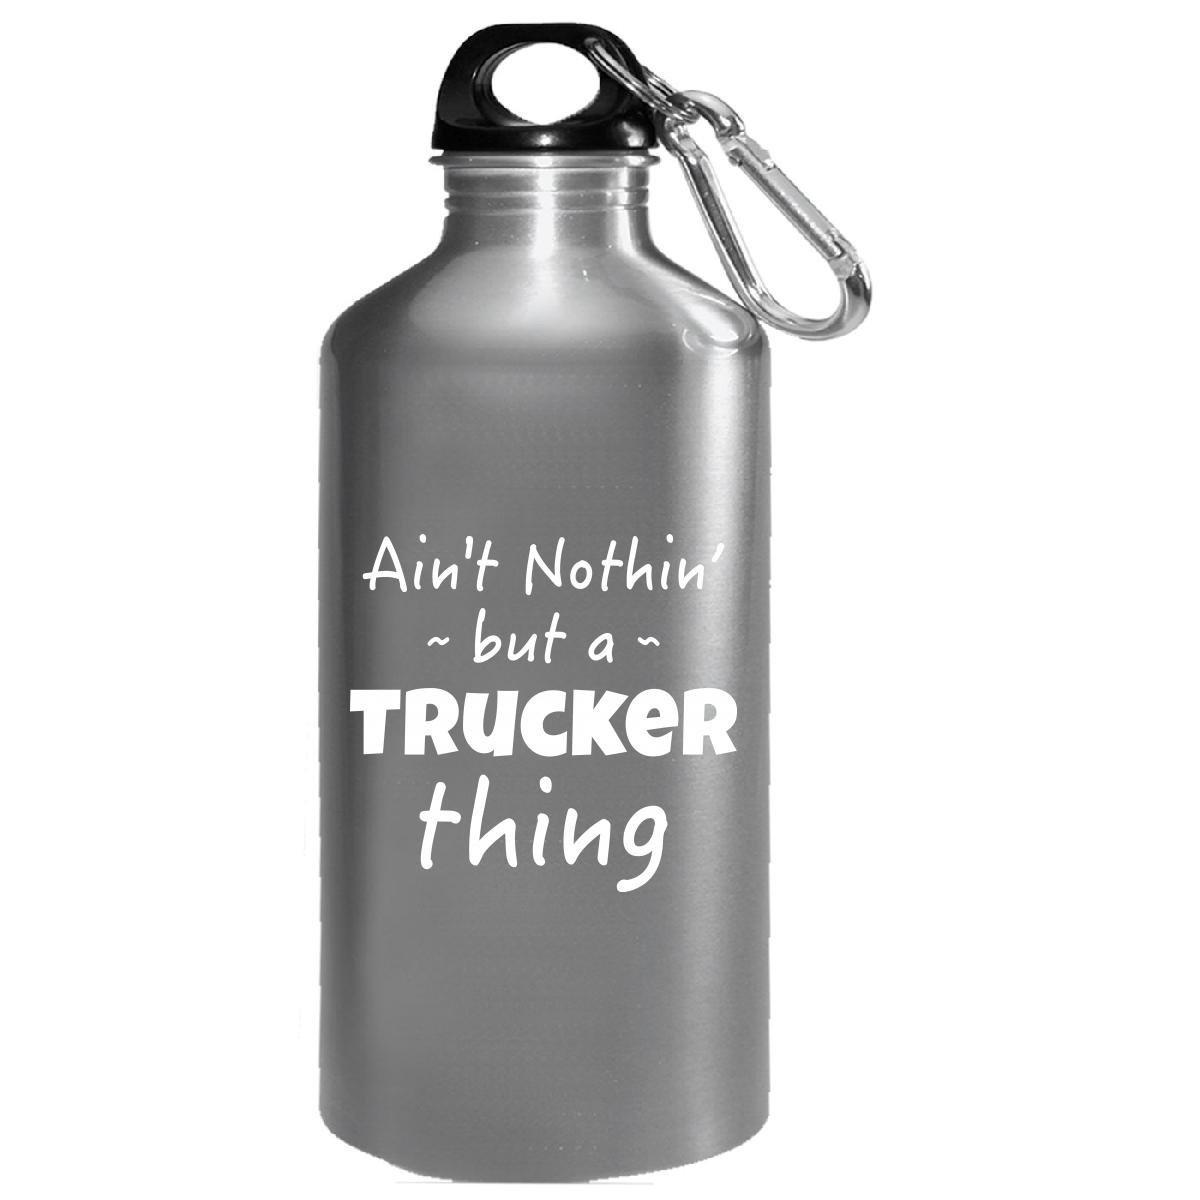 Trucker Thing Careerジョブと趣味PrideドライバトラックSaying – 水ボトル B0781GMYJ4